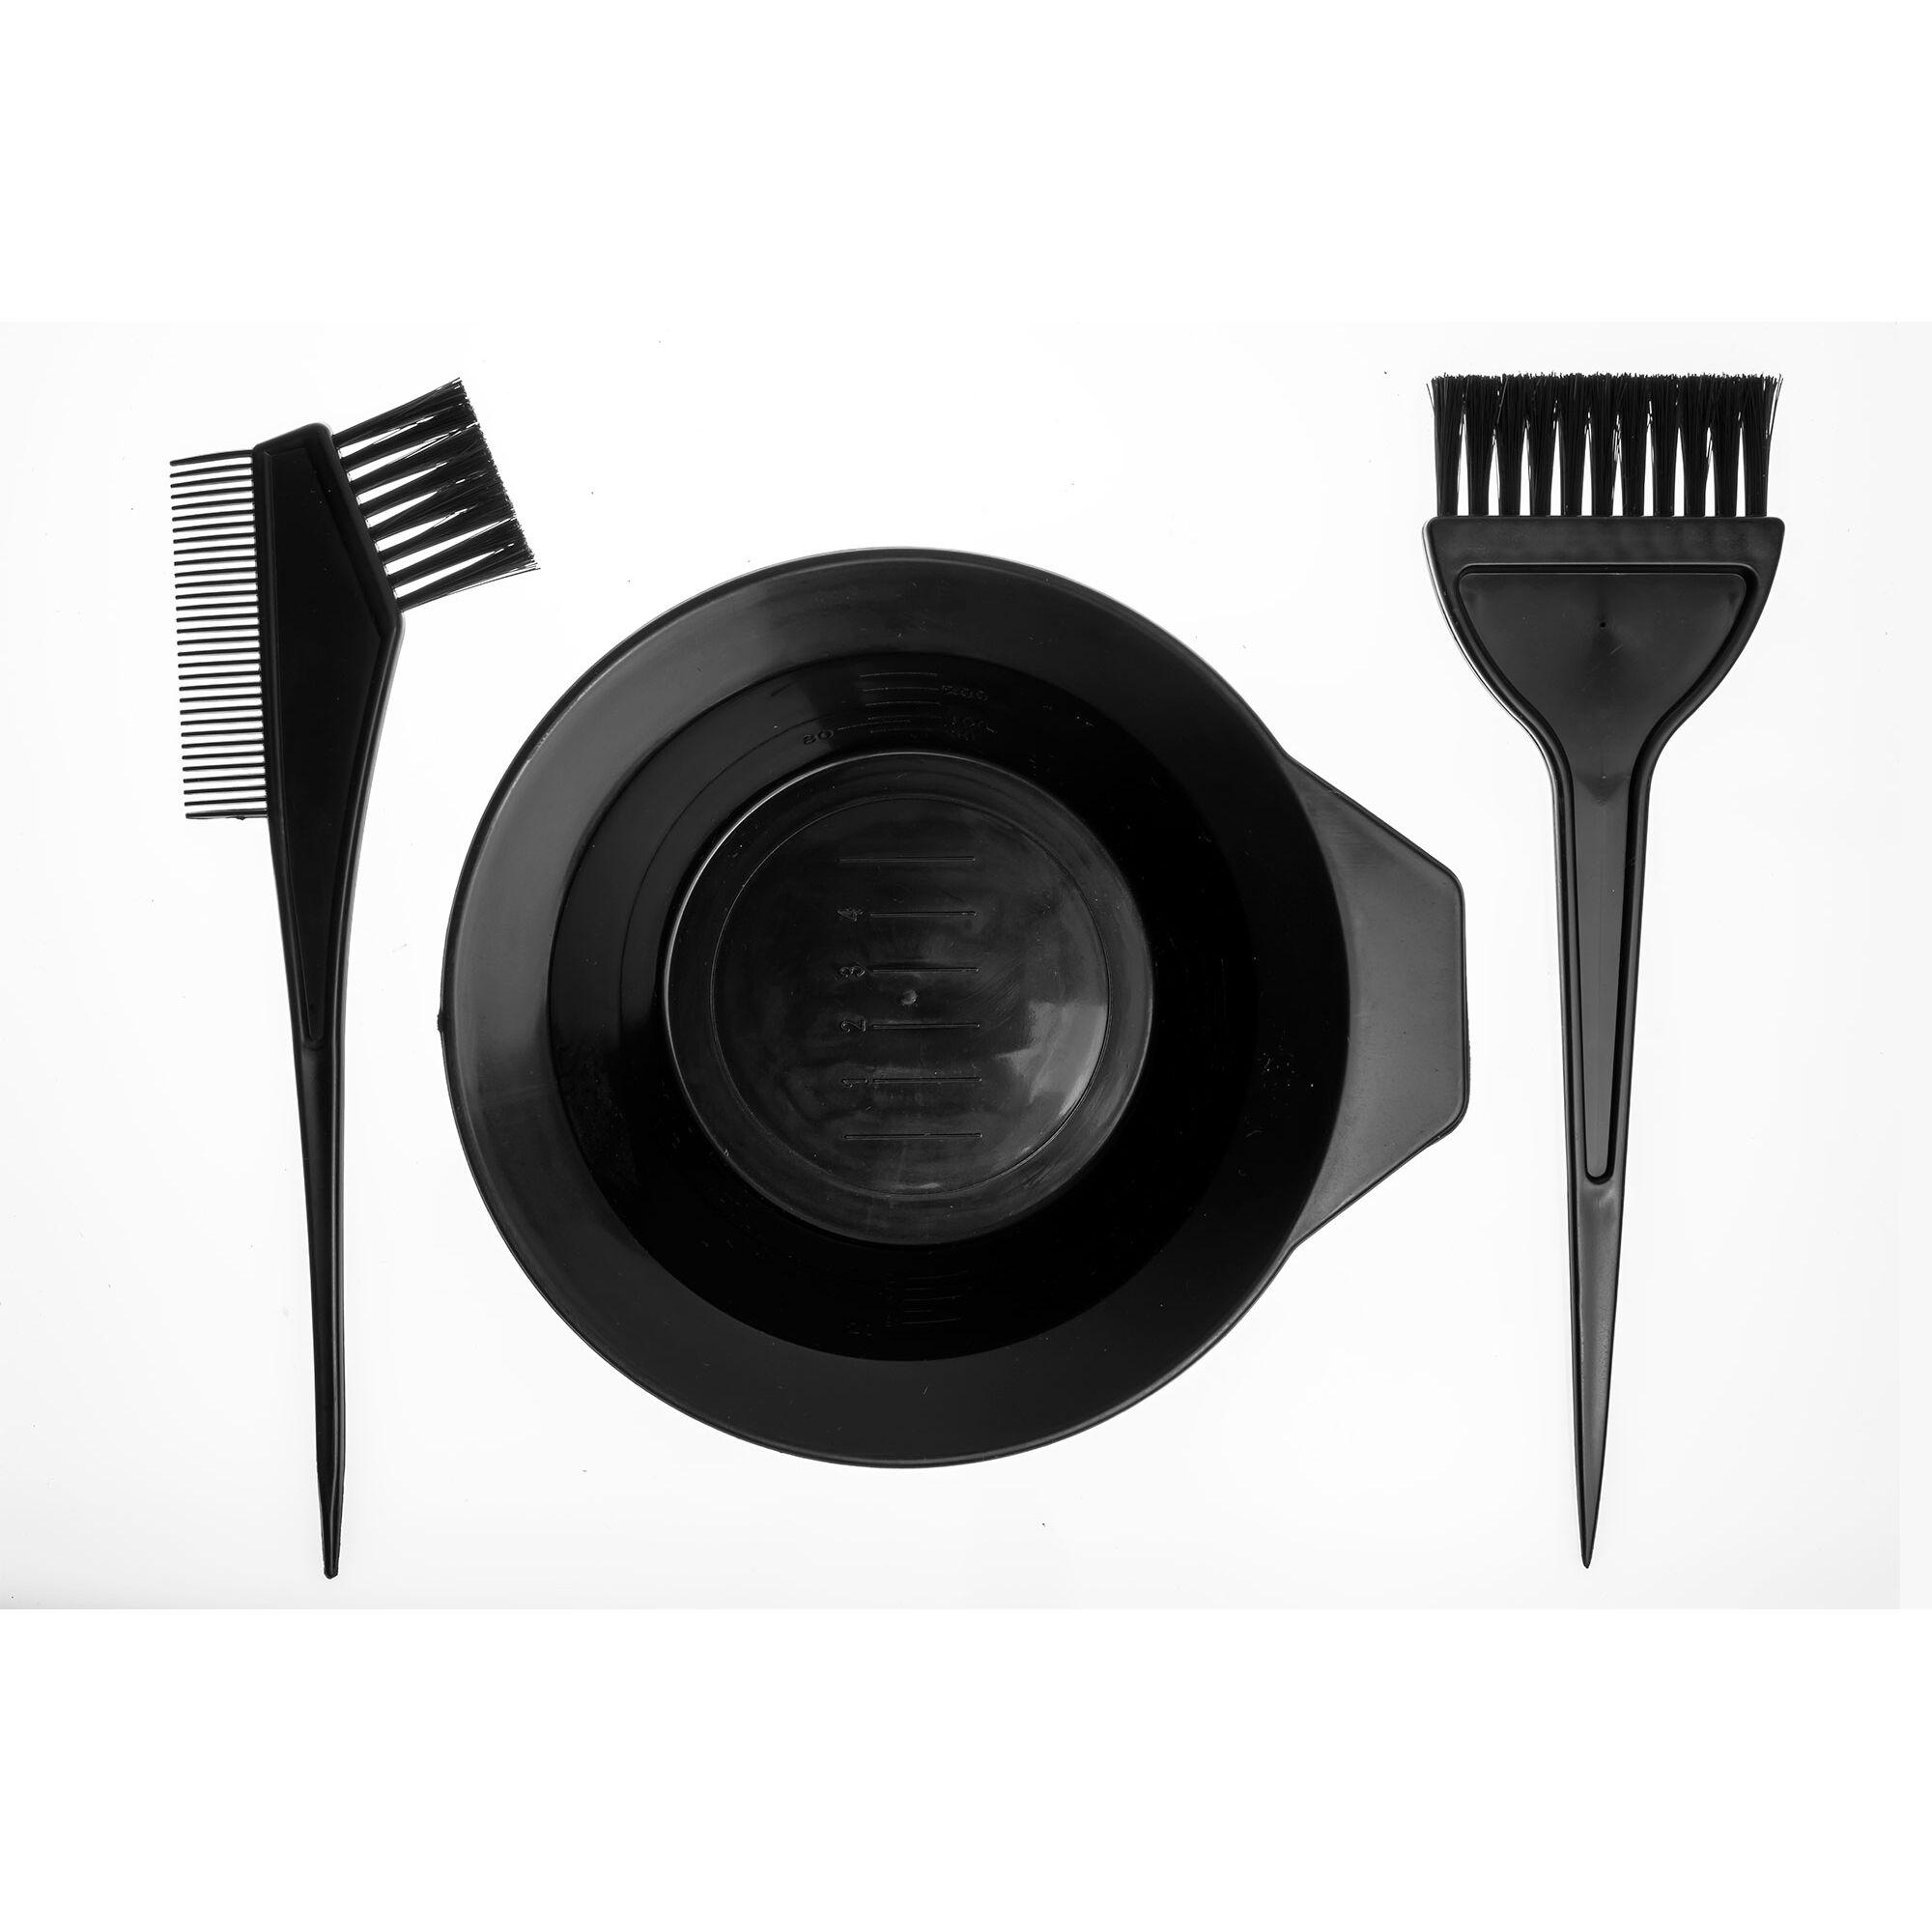 Hair Hair Colour Hair Dye Bowl And Brushes 3 Pcs Set